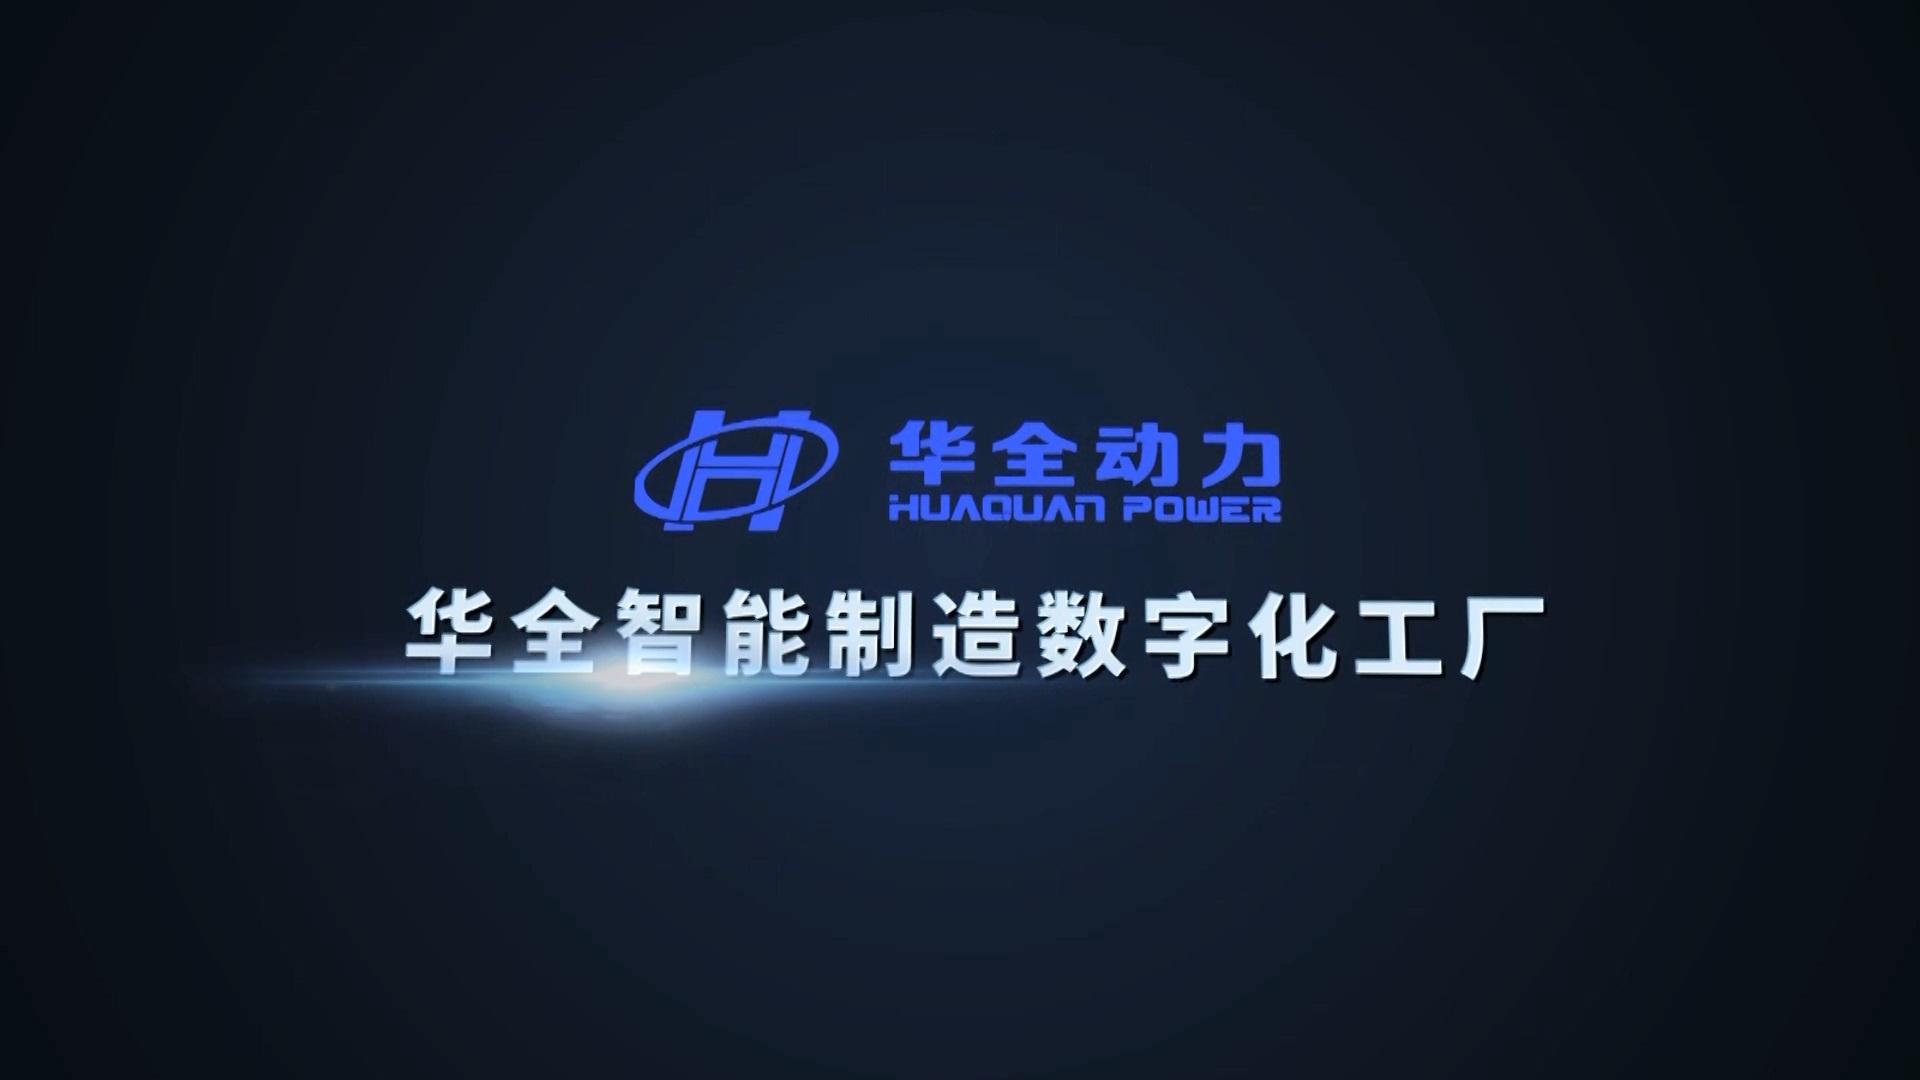 华全动力 智能制造数字化工厂宣传片